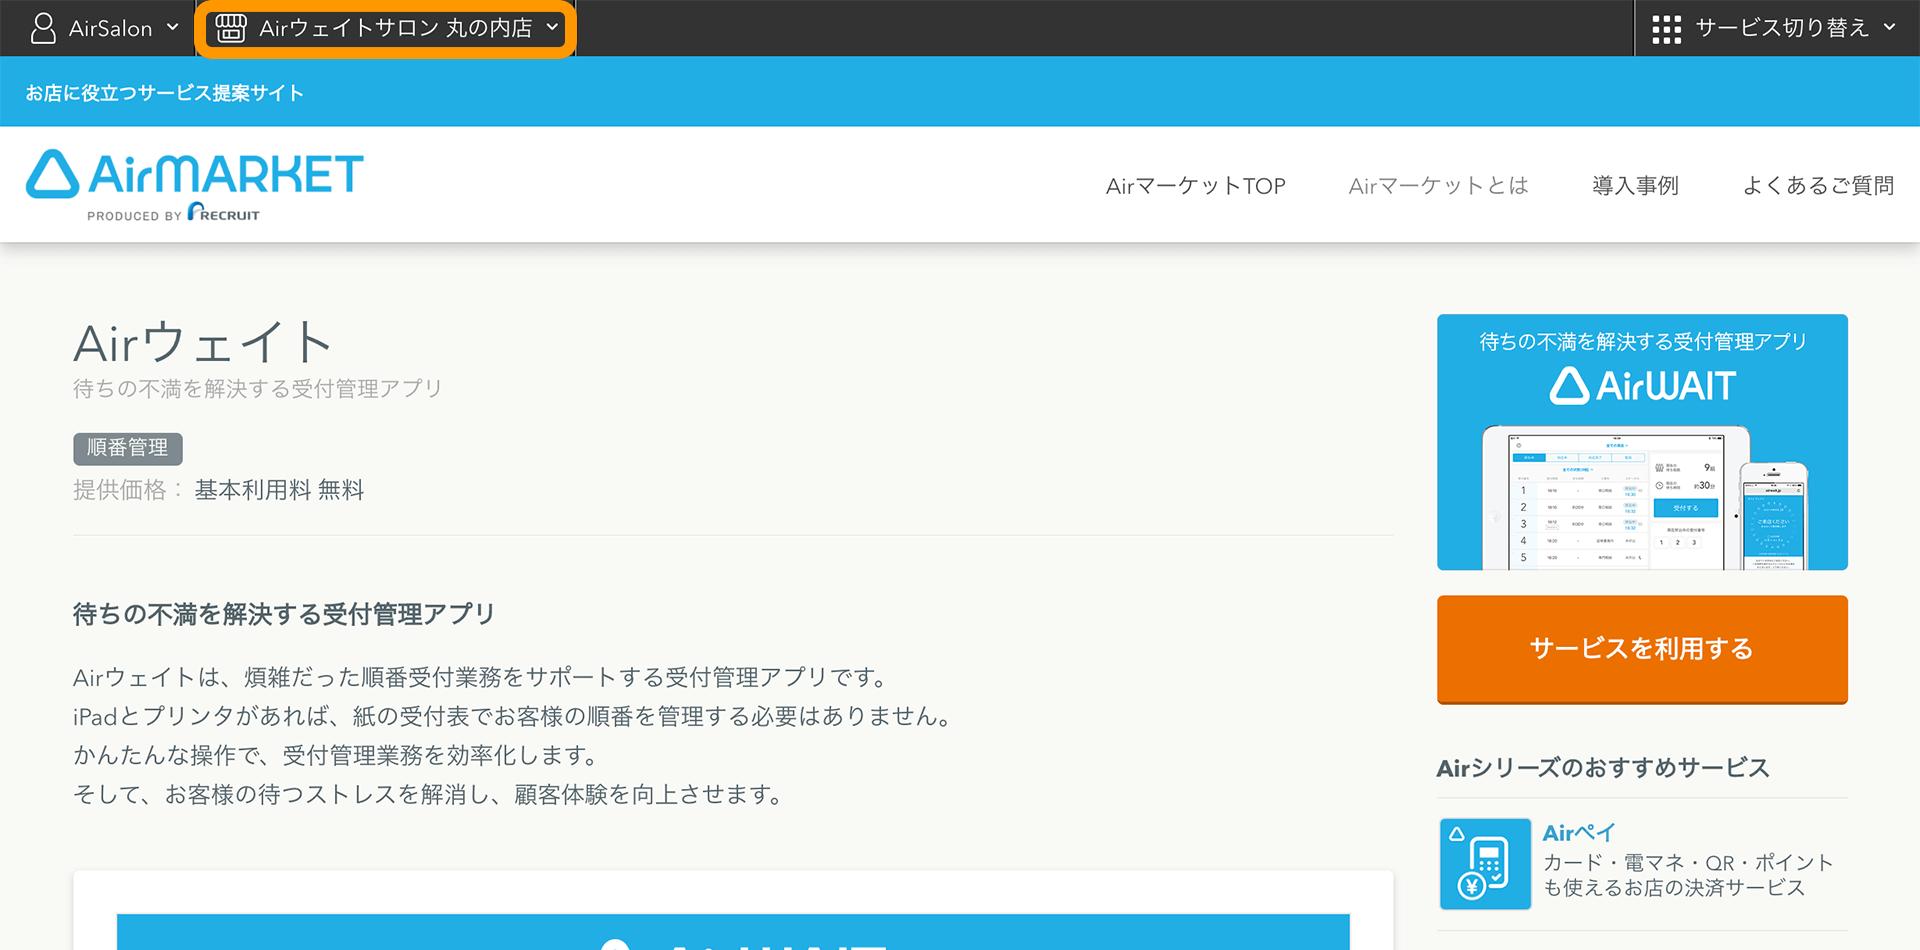 ナビゲーションバー/店舗選択